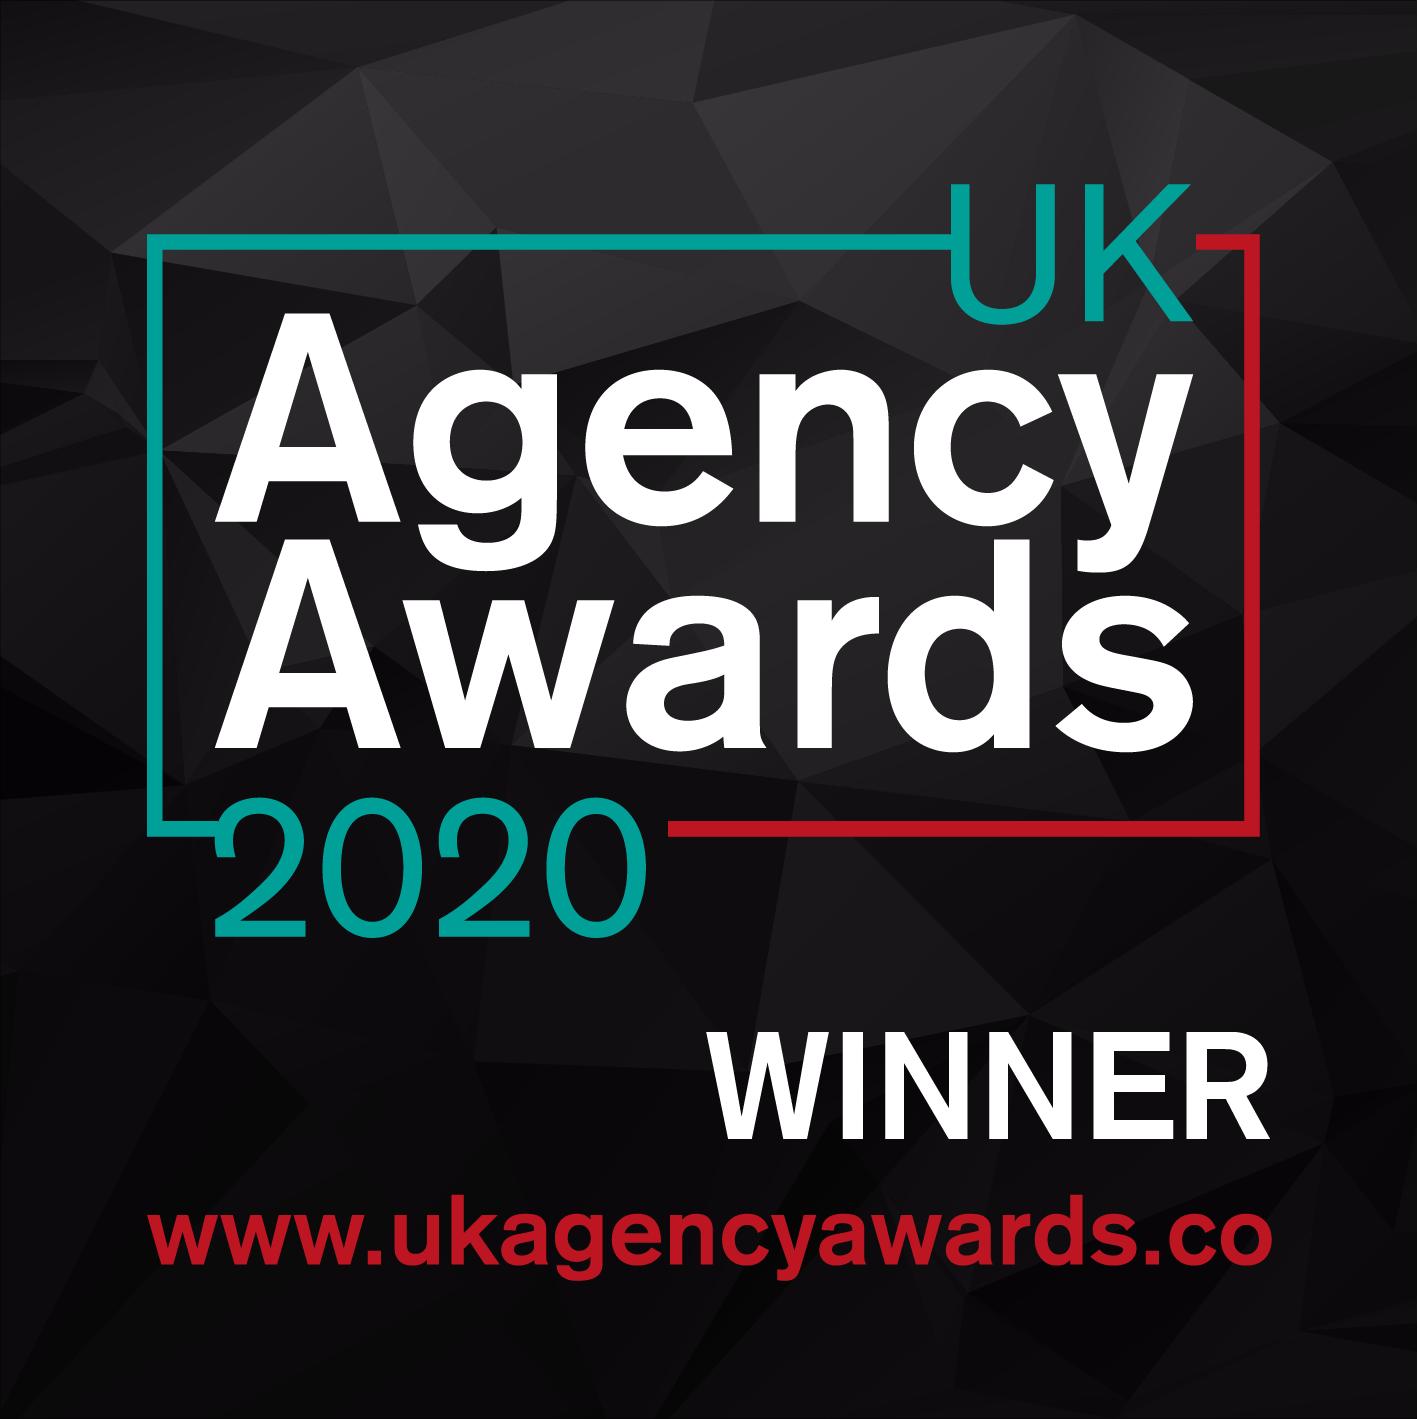 UK-Agency-Awards-2020-Winner-Badge